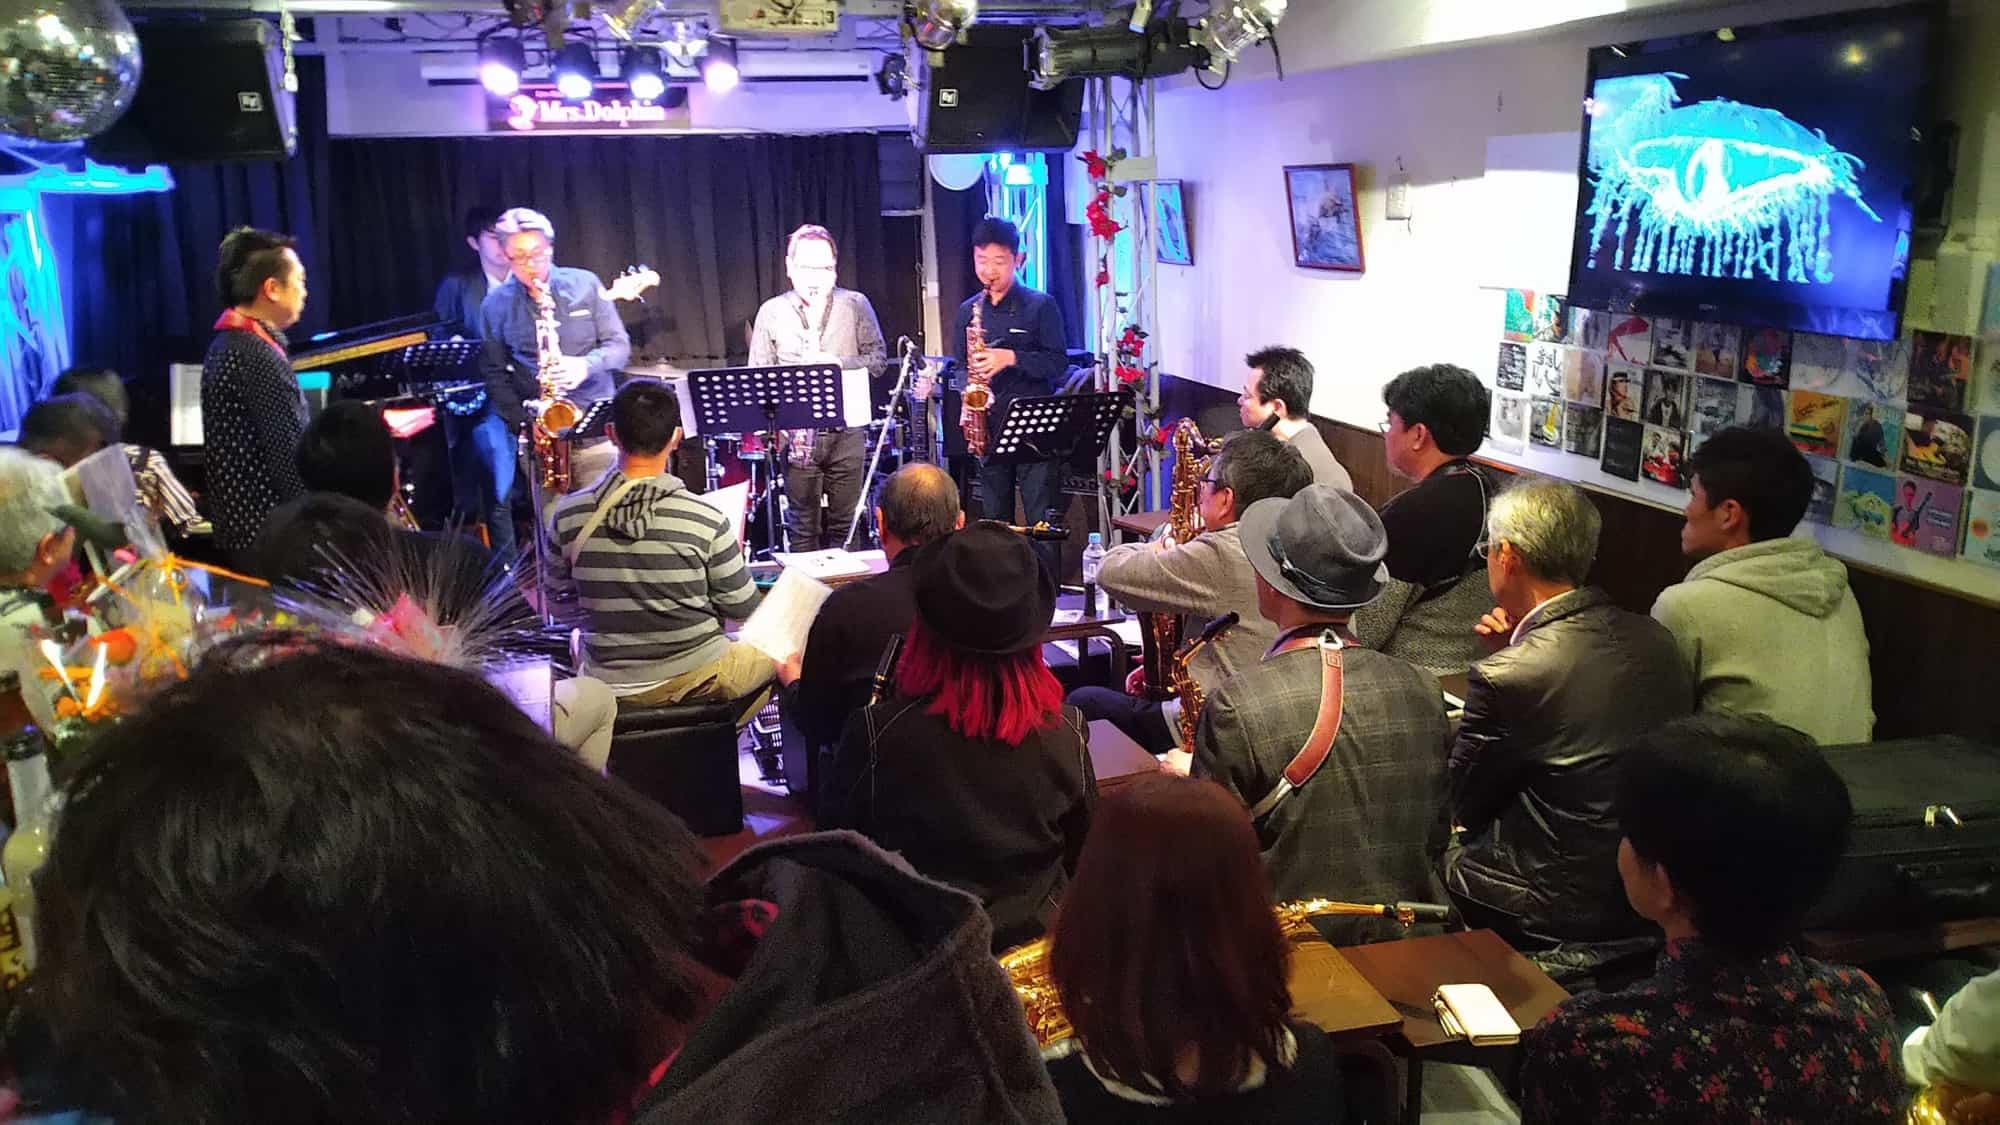 藤井サックス教室 津田ベース教室 中尾ギター教室共同 OPEN MIC & JAM Session 3.31でした。